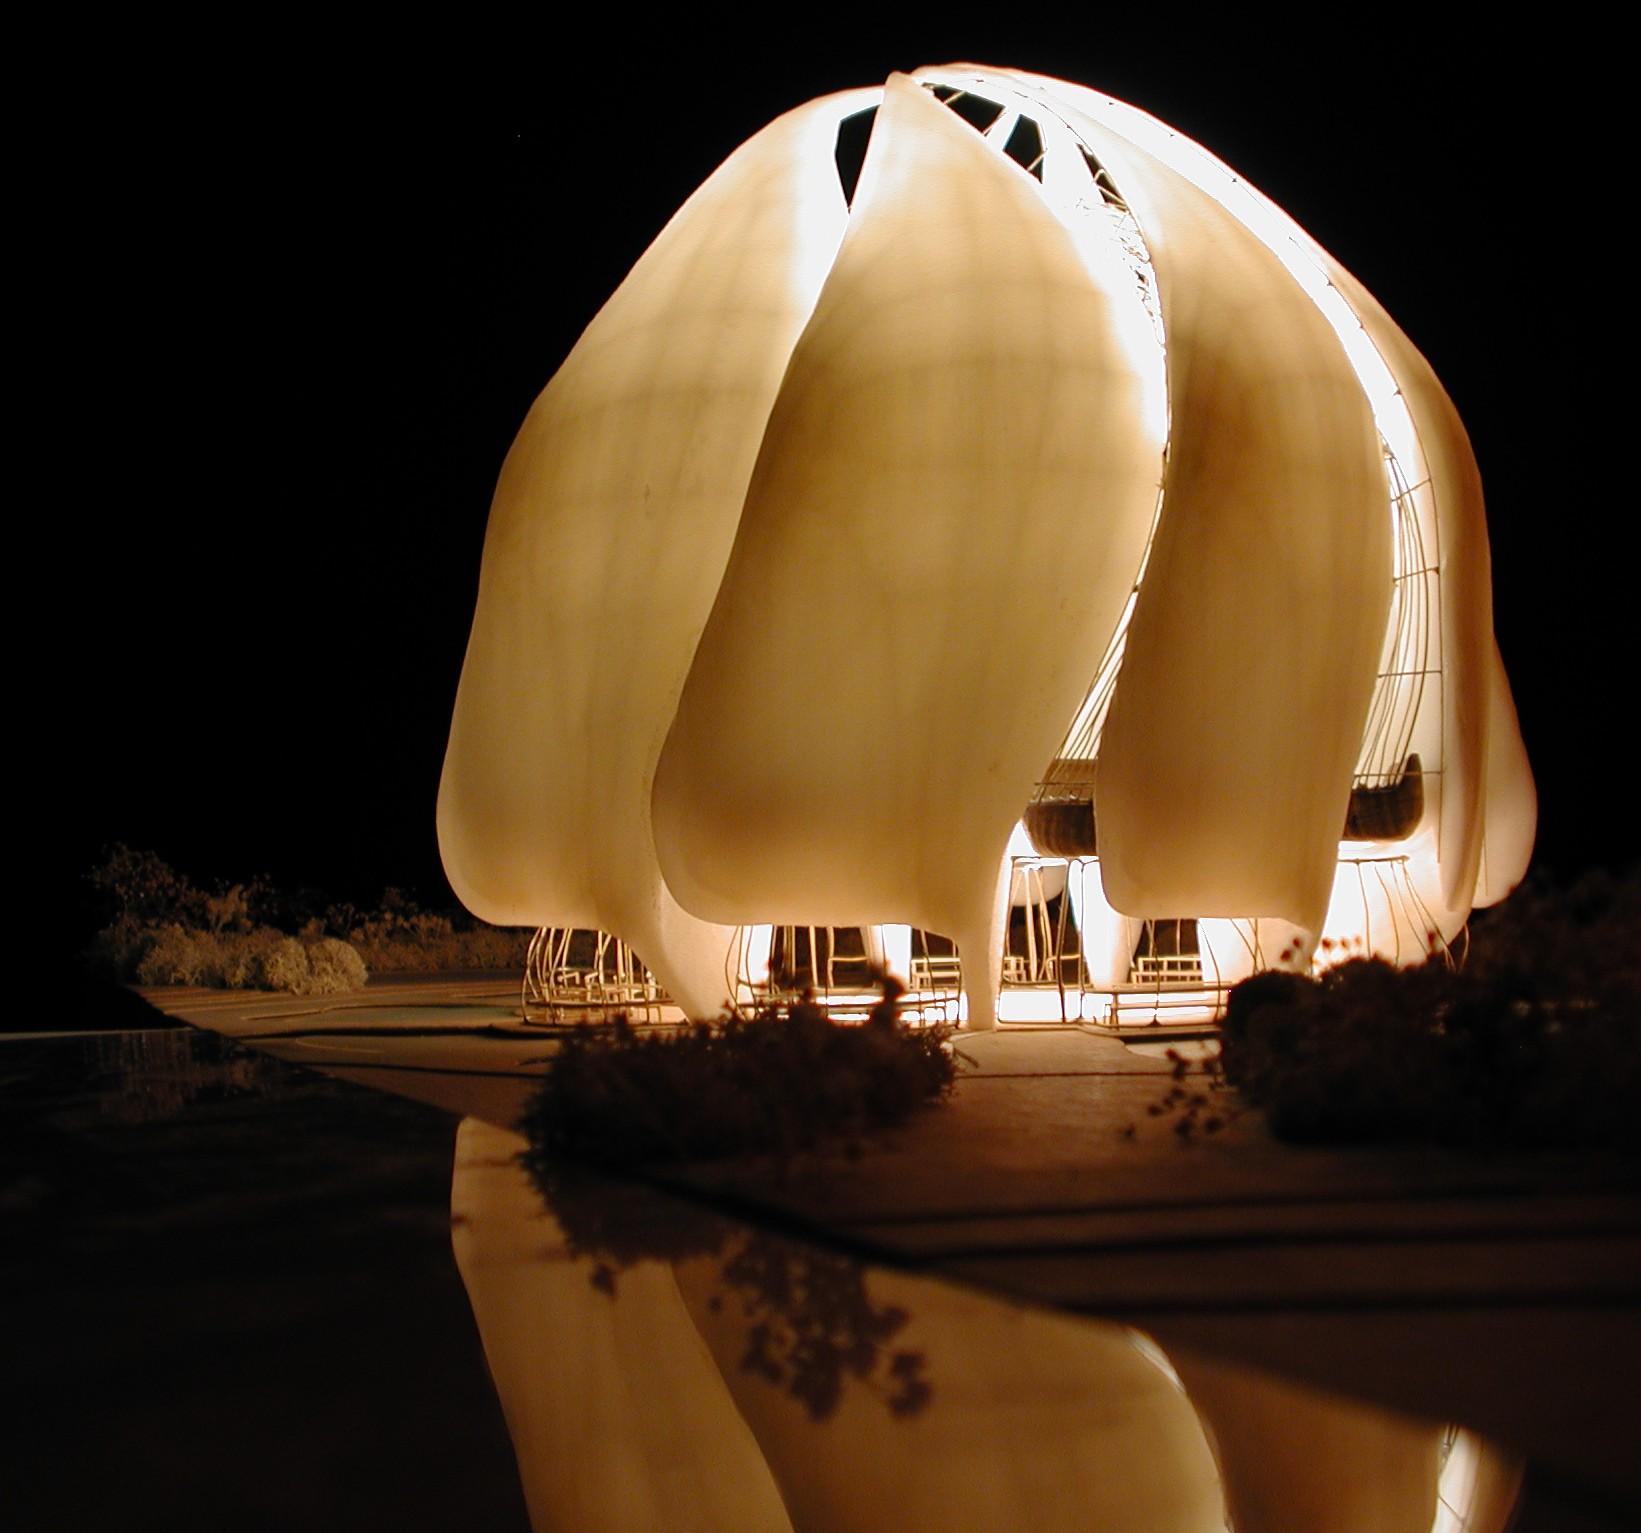 Az épülő chilei bahá'í templom makettja (c) Bahá'í Nemzetközi Közösség www.bahai.org